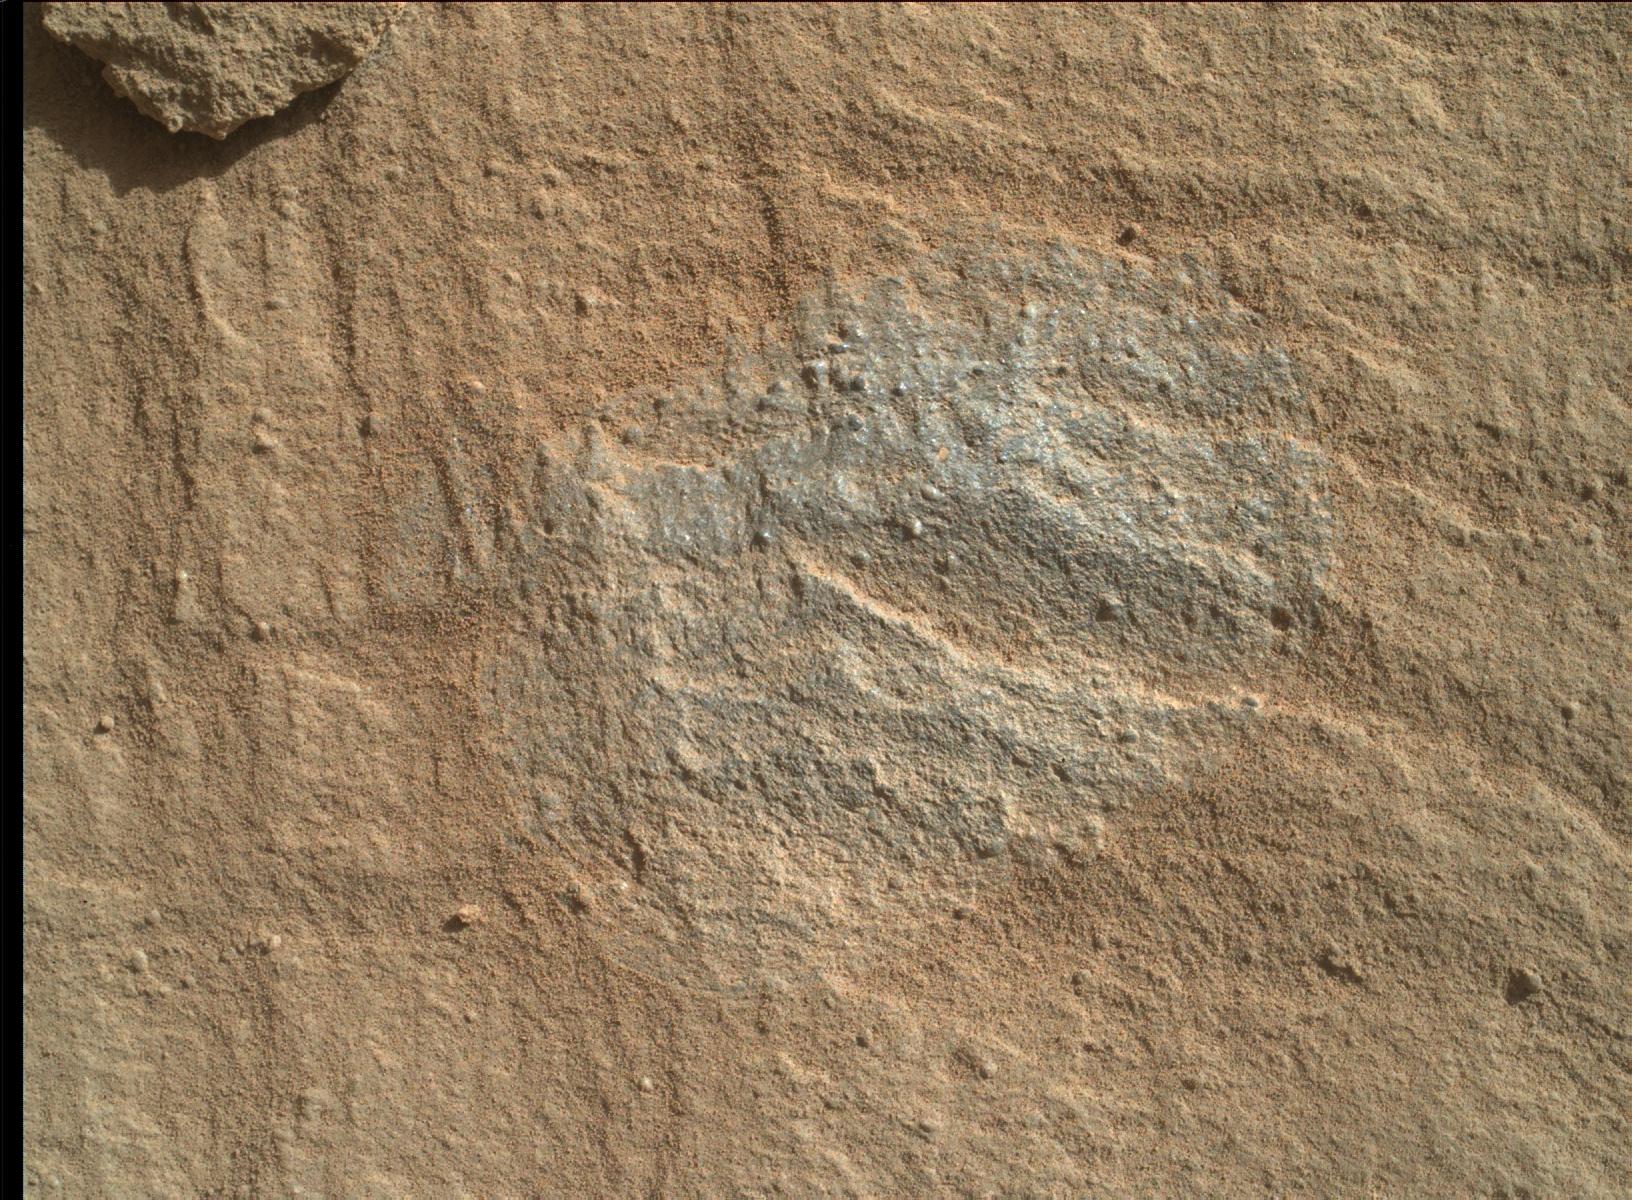 Sol 1287 MAHLI Sesrium Canyon